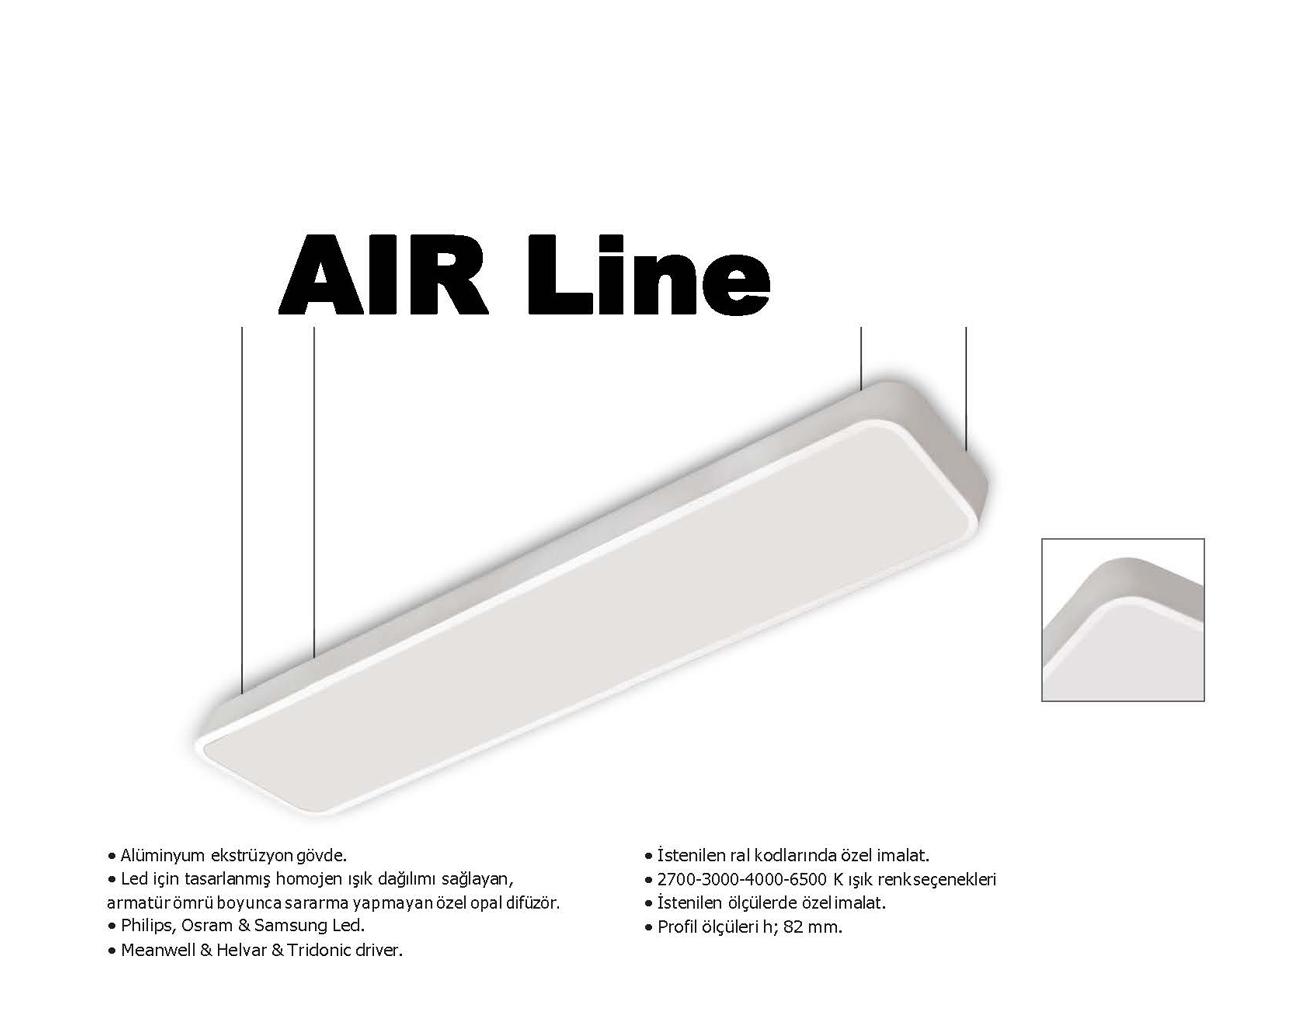 AIR Line